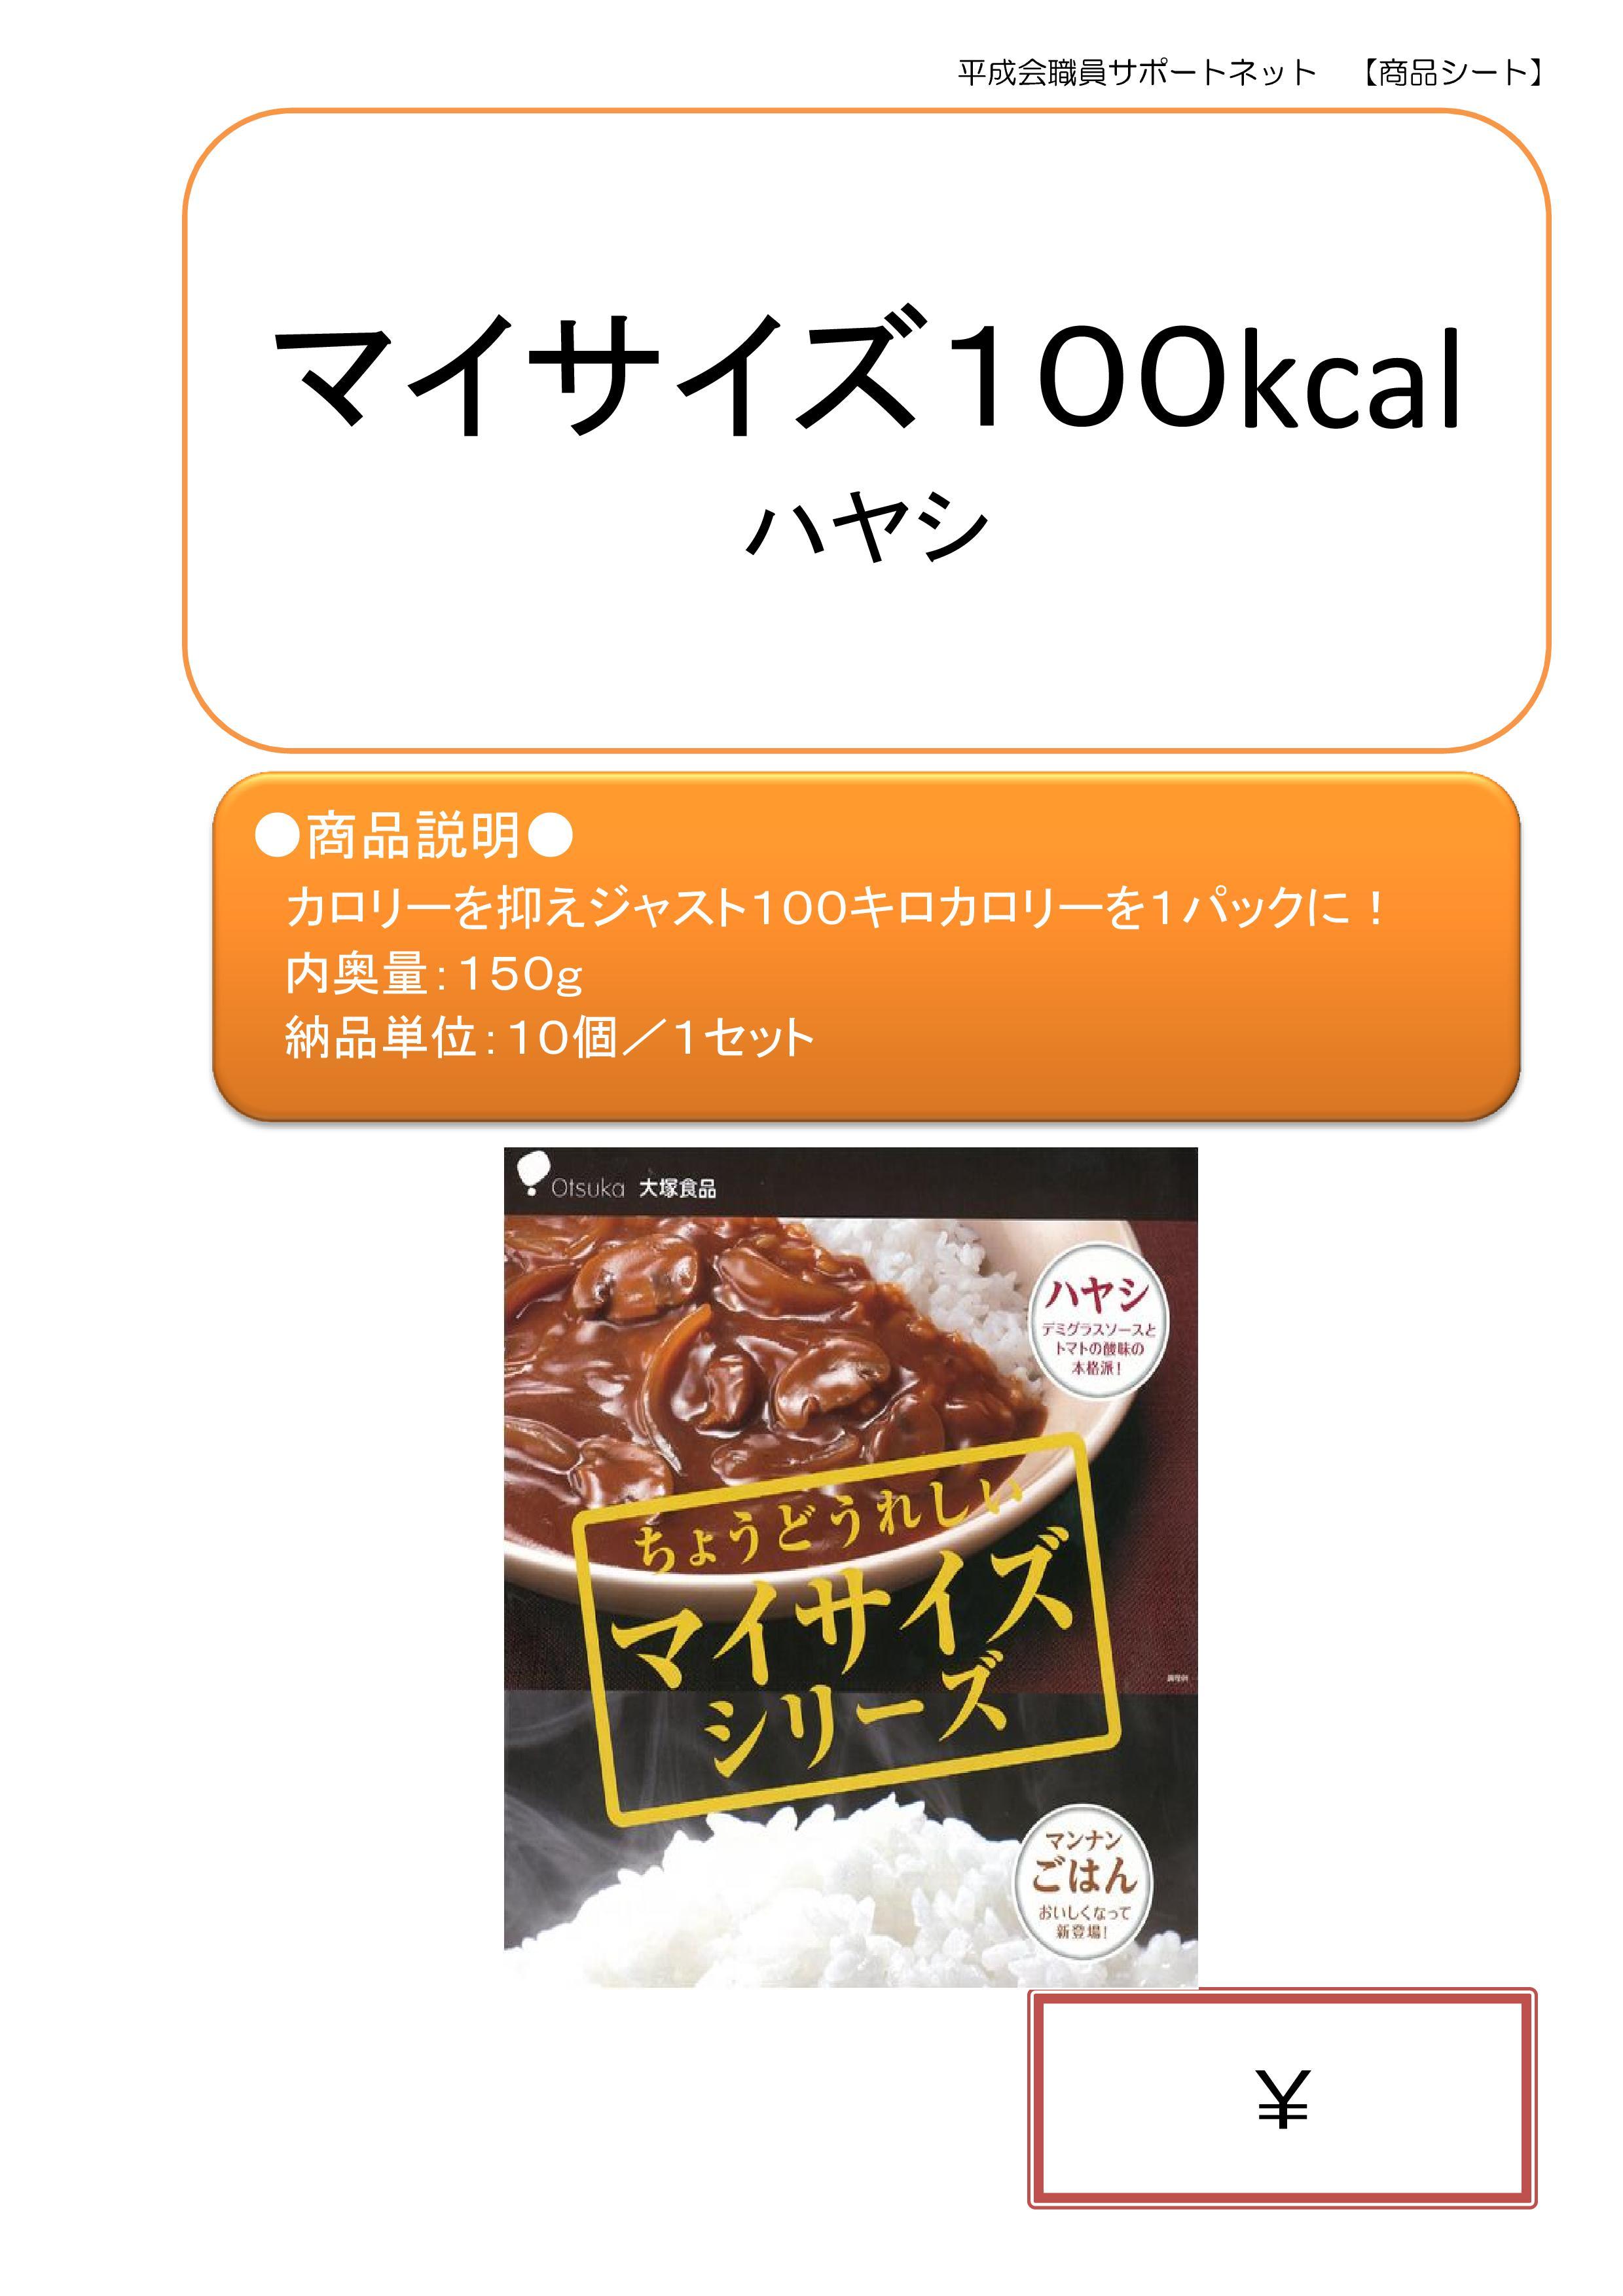 マイサイズ100kcal(ハヤシ)